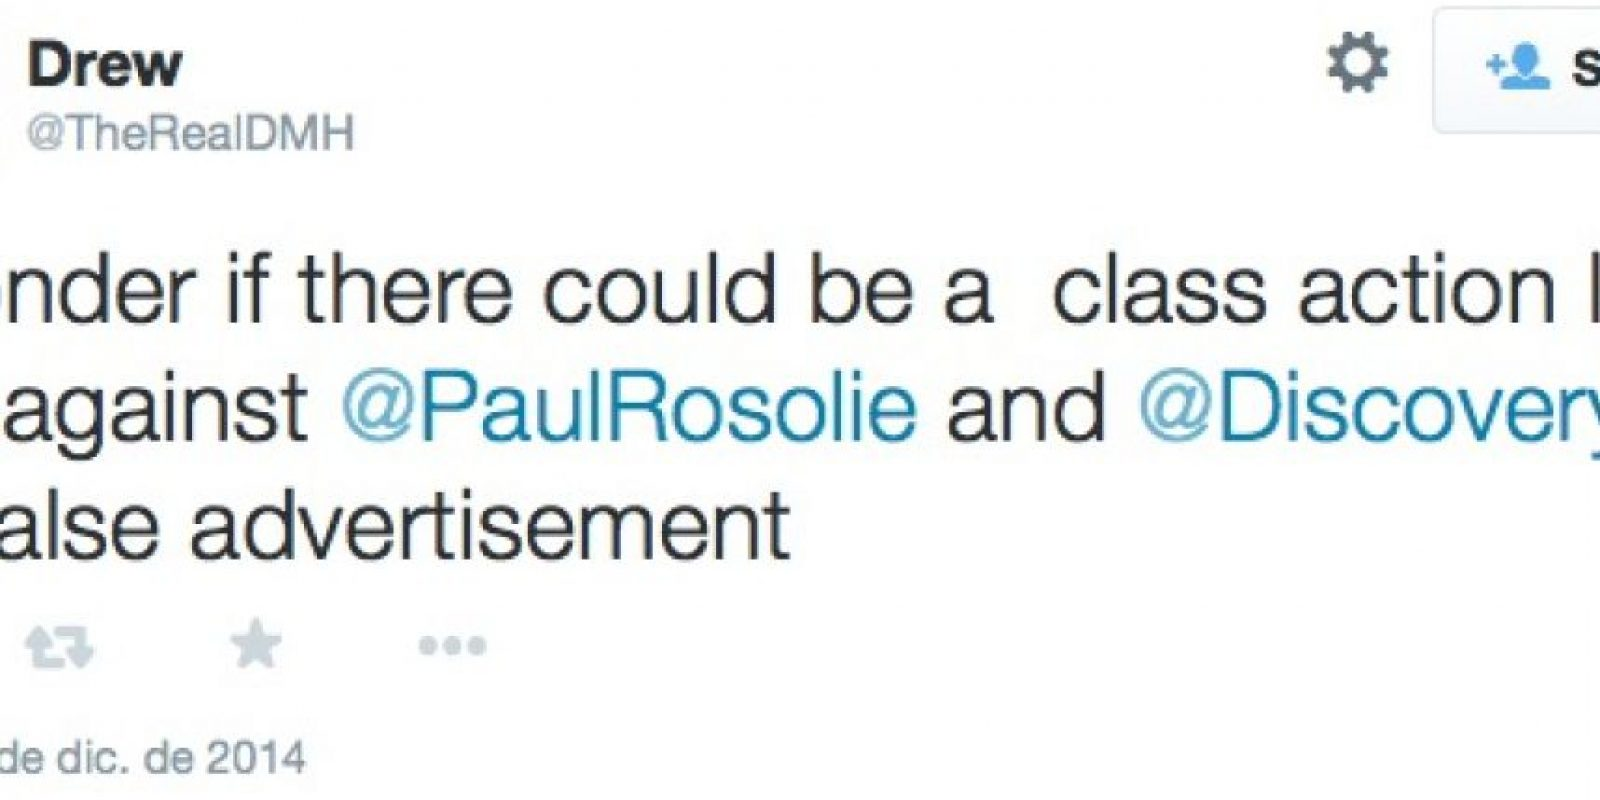 """""""Me pregunto si habrá una ley en contra de Discovery y Paul Rosolie por publicidad falsa"""" Foto:Twitter"""